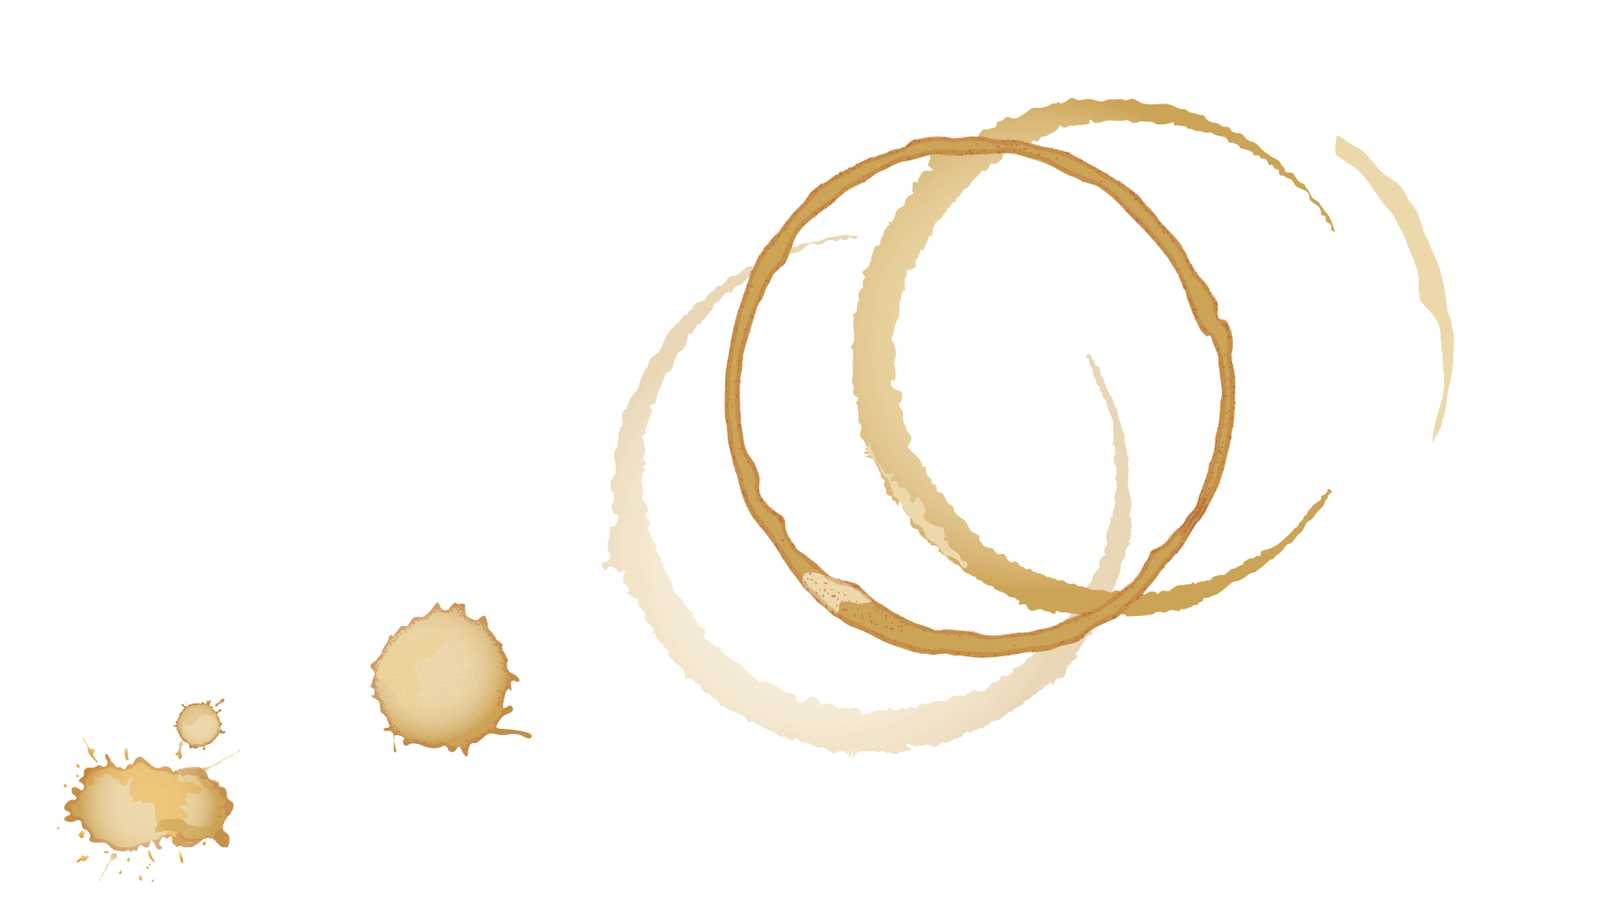 Darstellung von Kaffee Flecken zur illustration von Daten, die erfasst werden